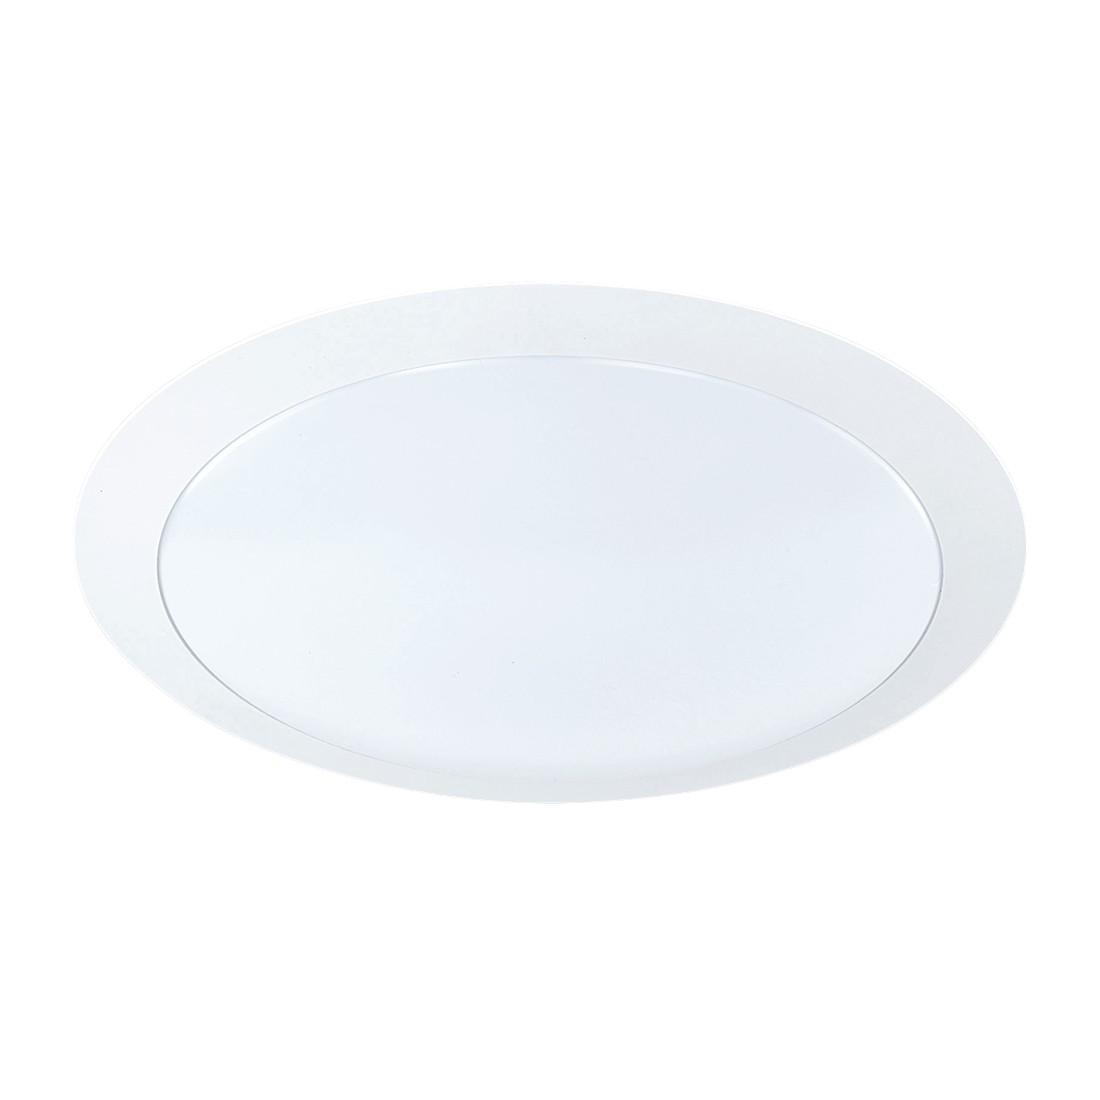 LED-plafondlamp - wit 1x12W, Trio